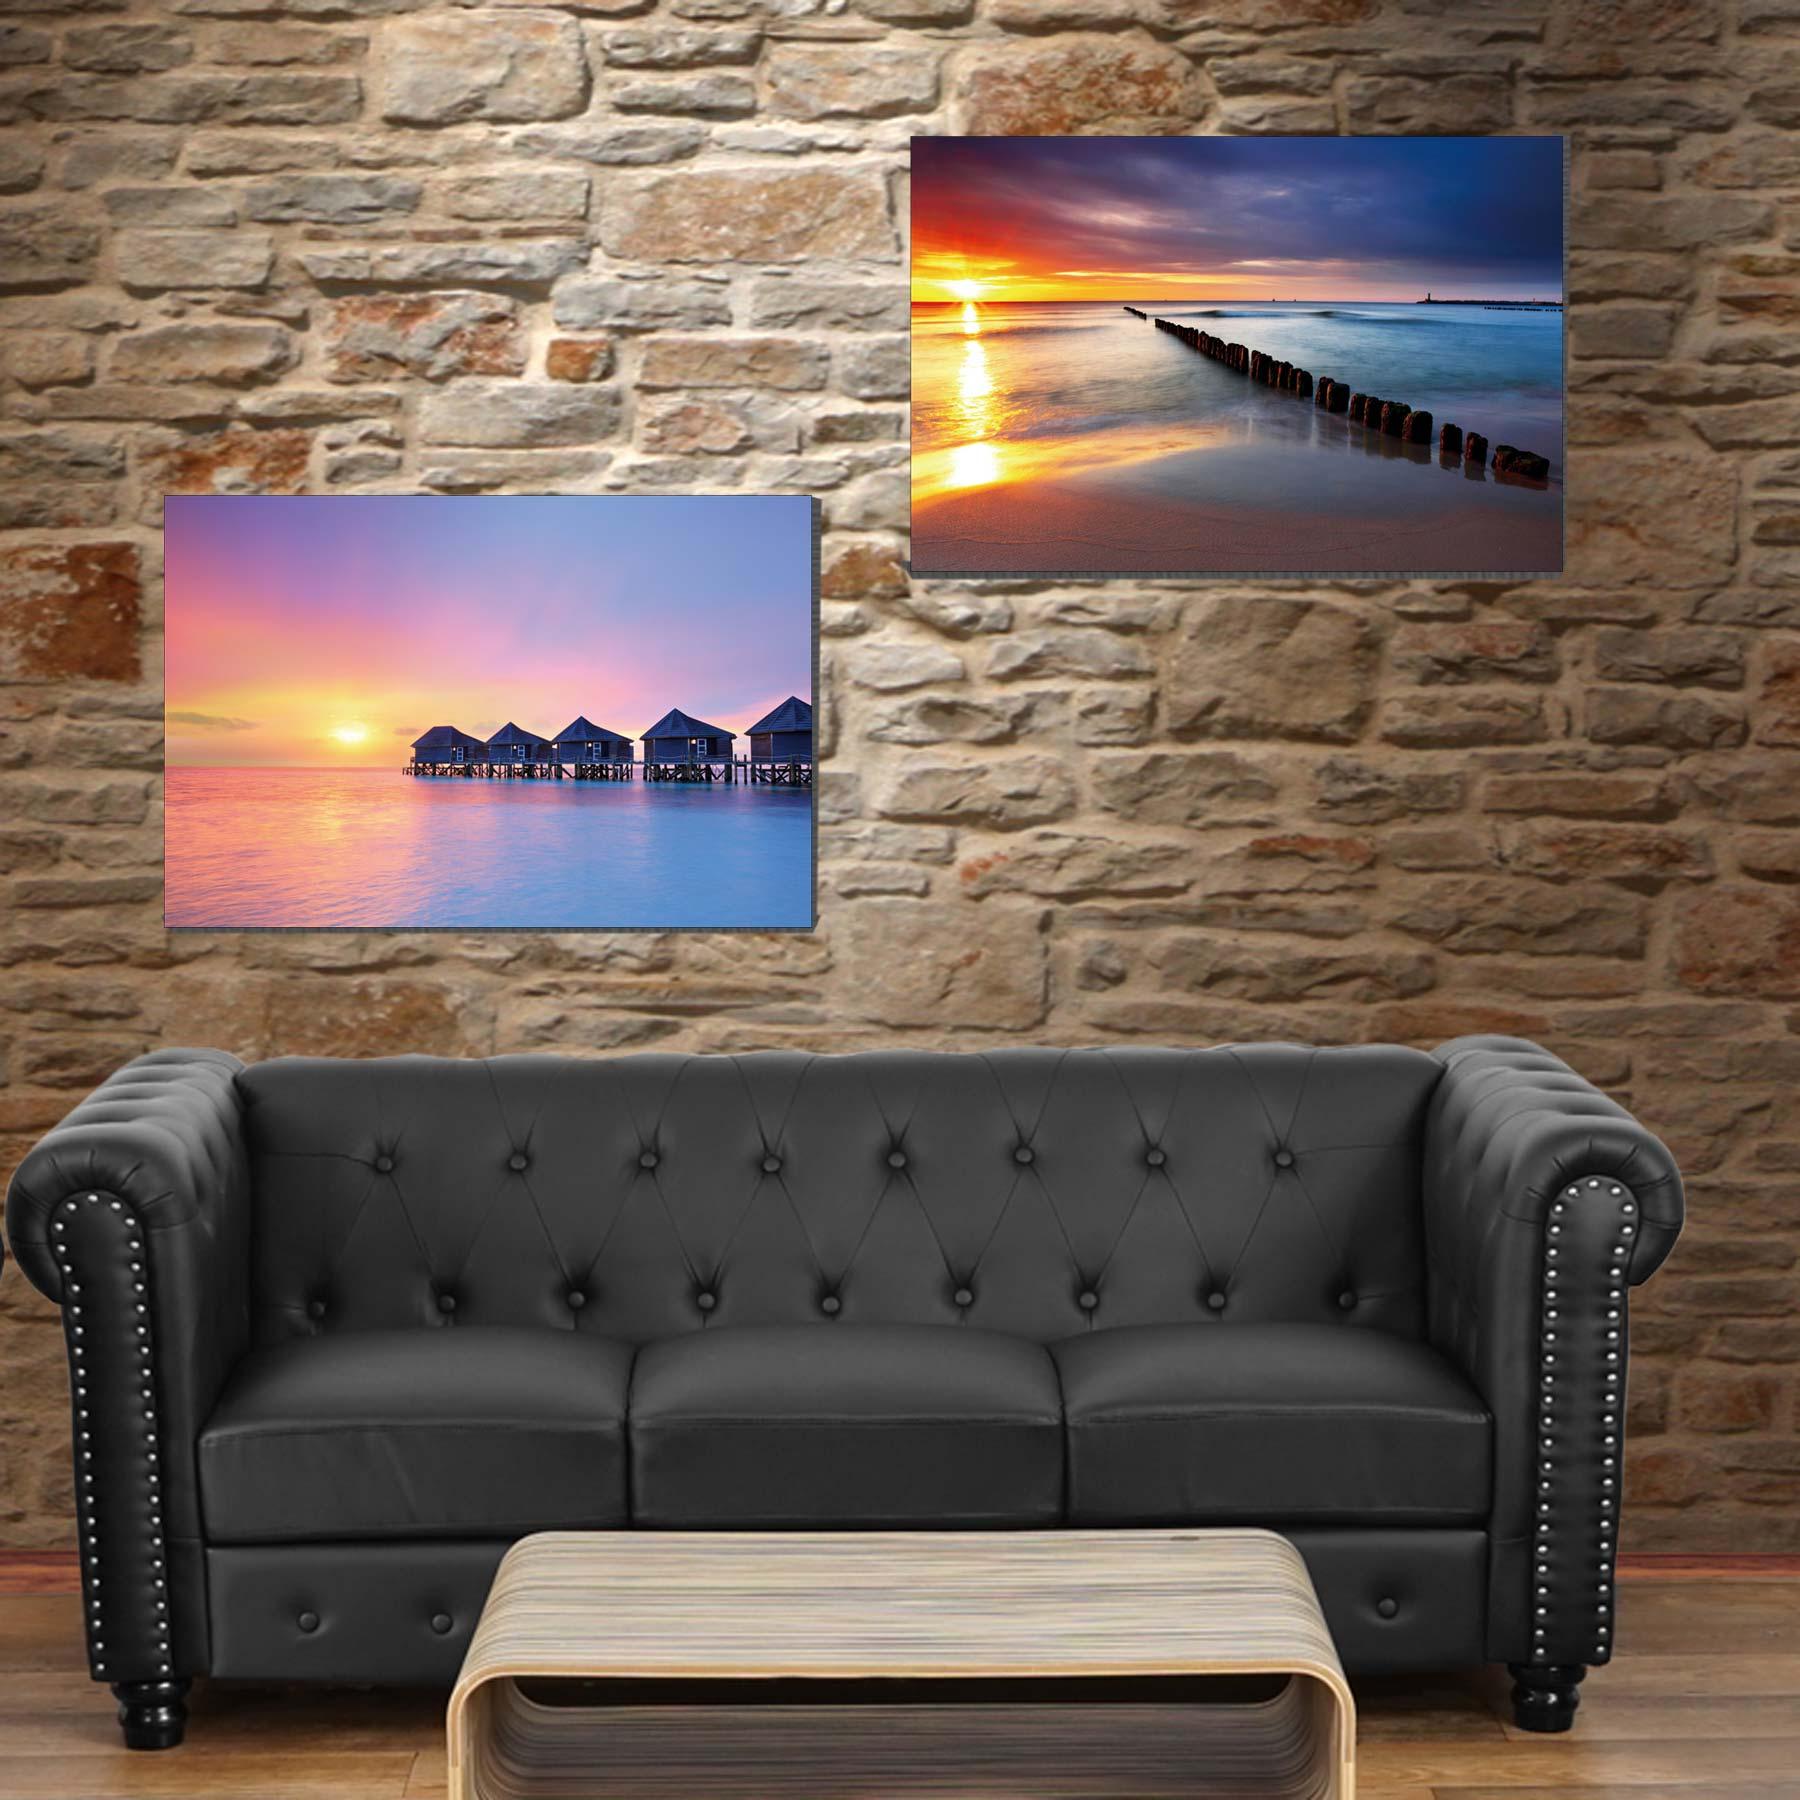 2x toiles de d coration murale tableau illumin avec for Decoration murale 974